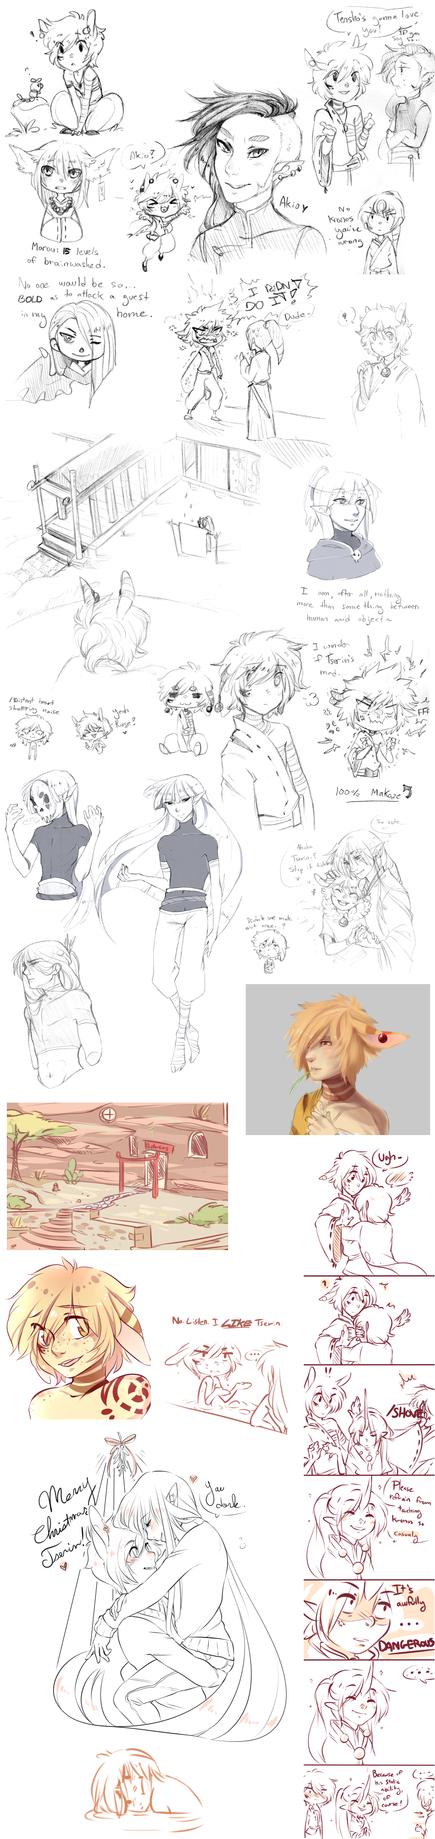 Pokimono Sketch Dump 8 by loverofscythe